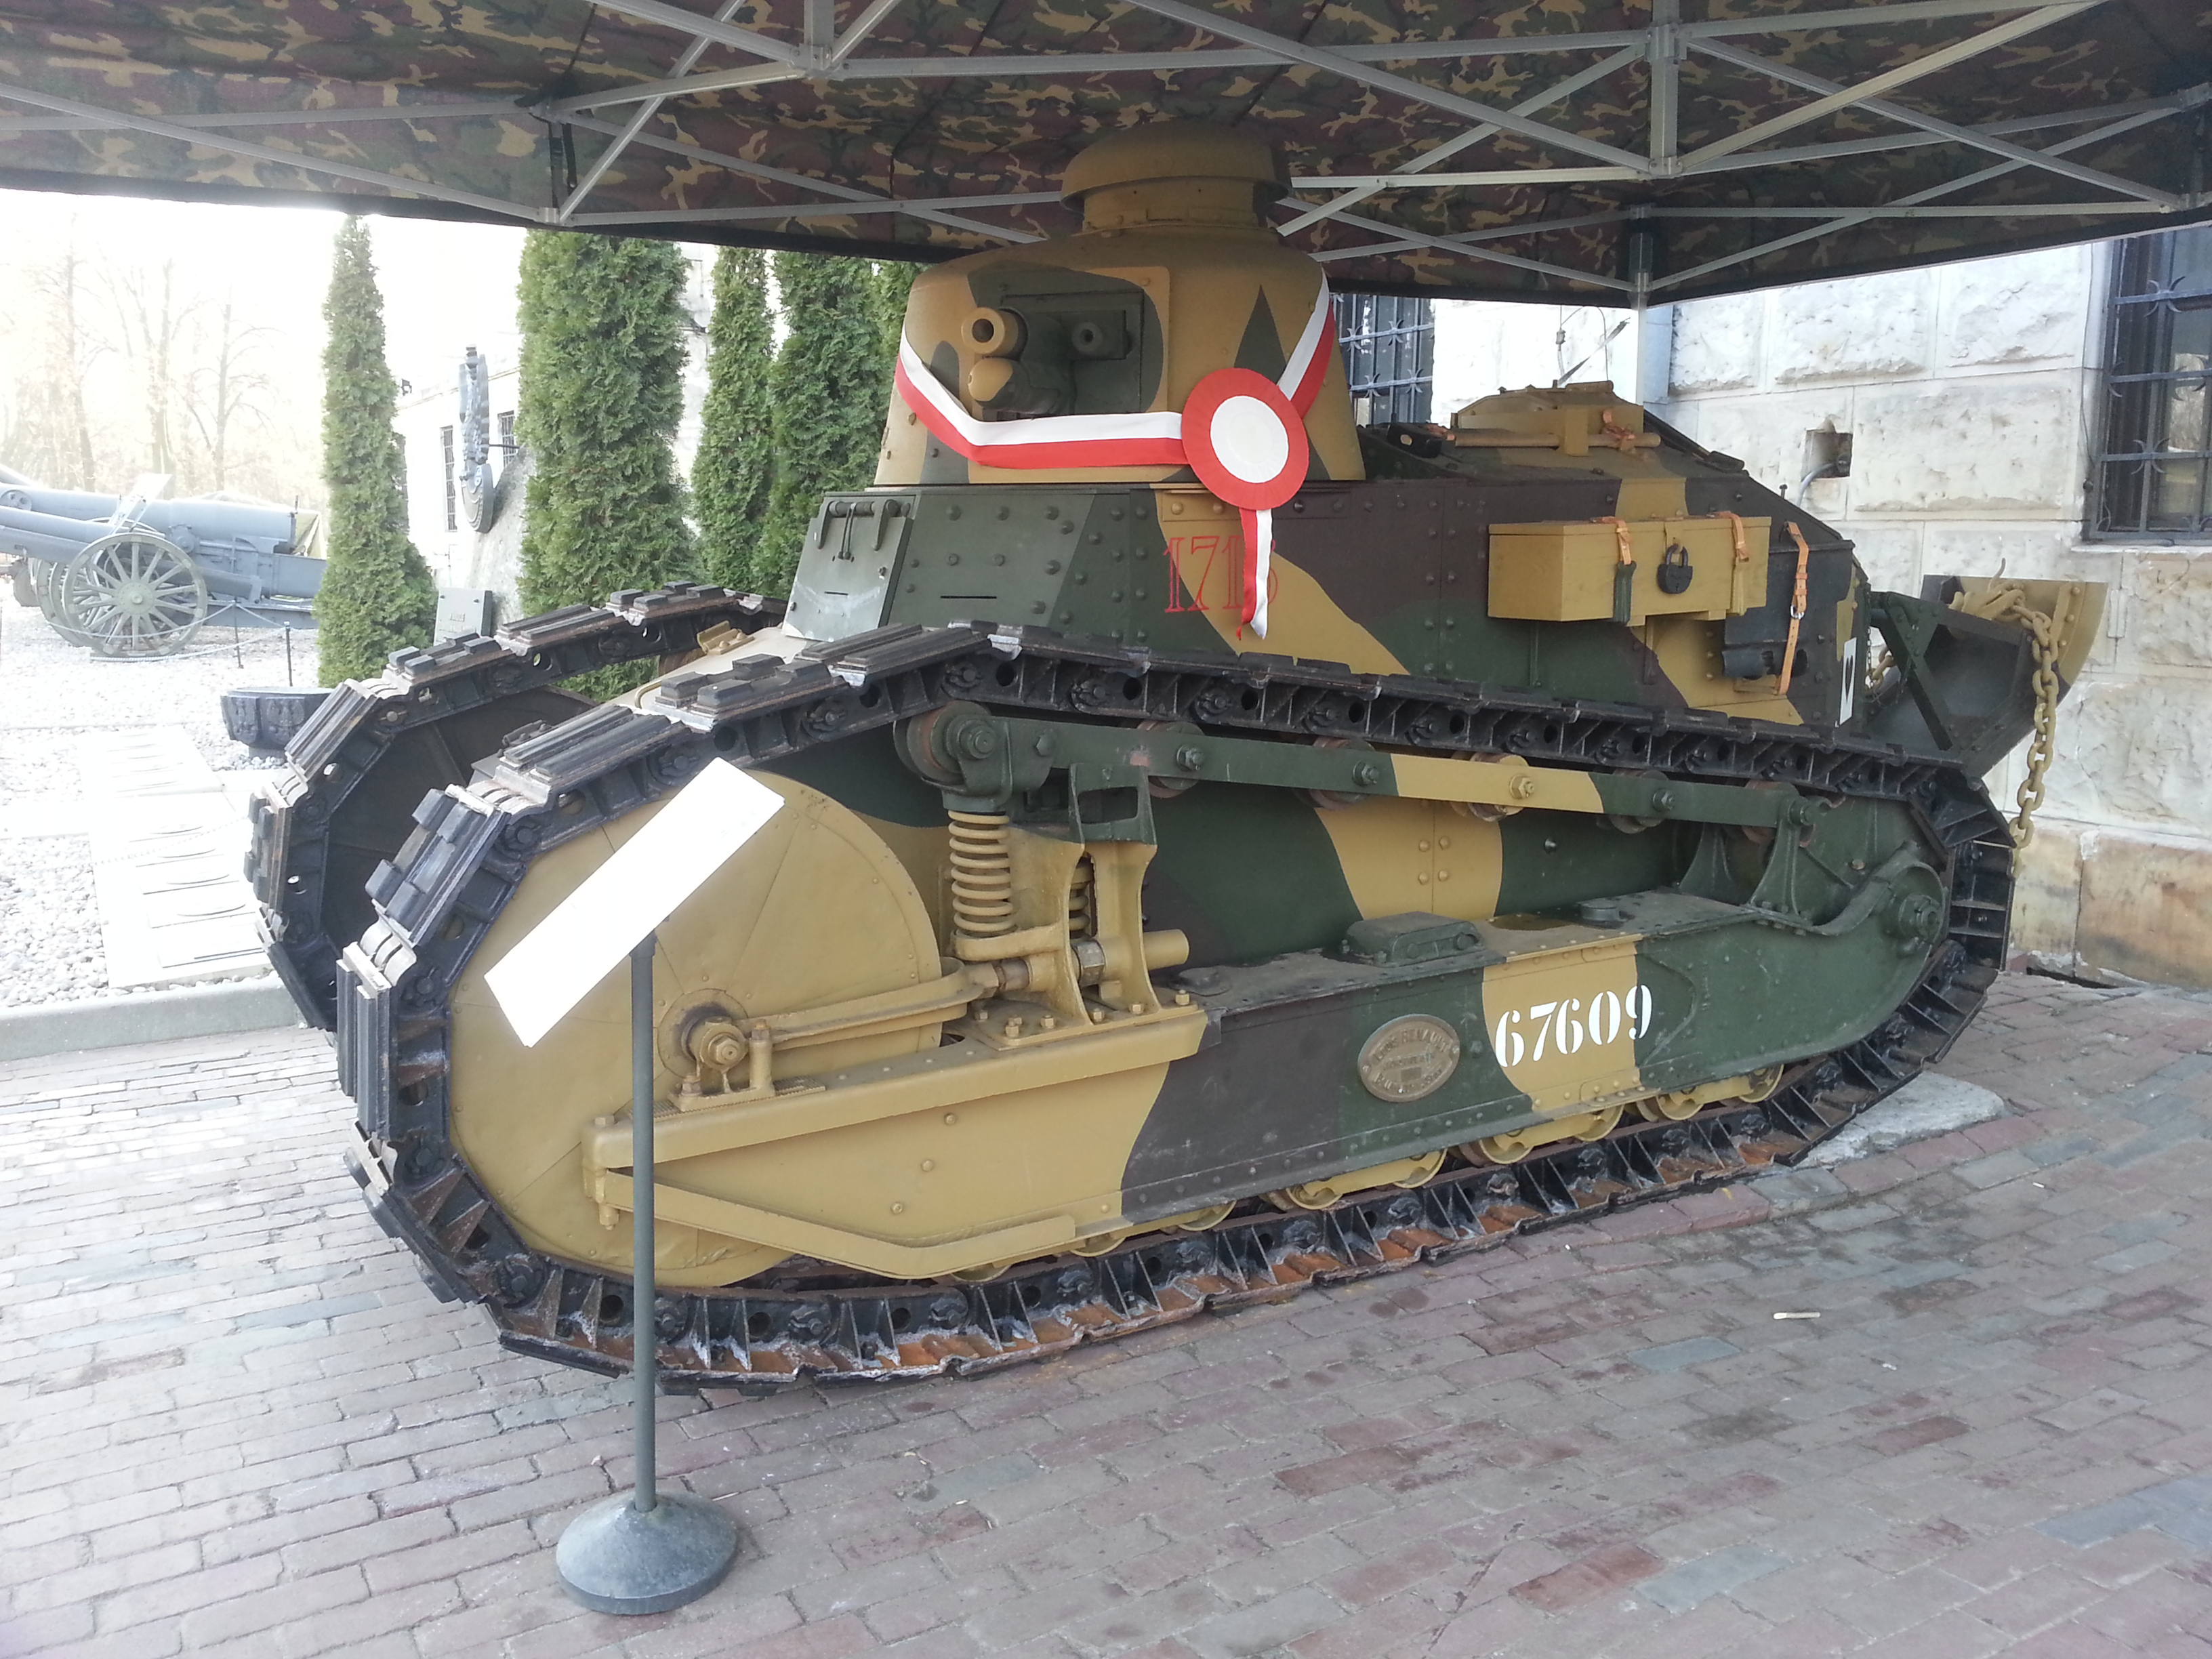 File:Renault FT-17 W Muzeum Wojska Polskiego.jpg